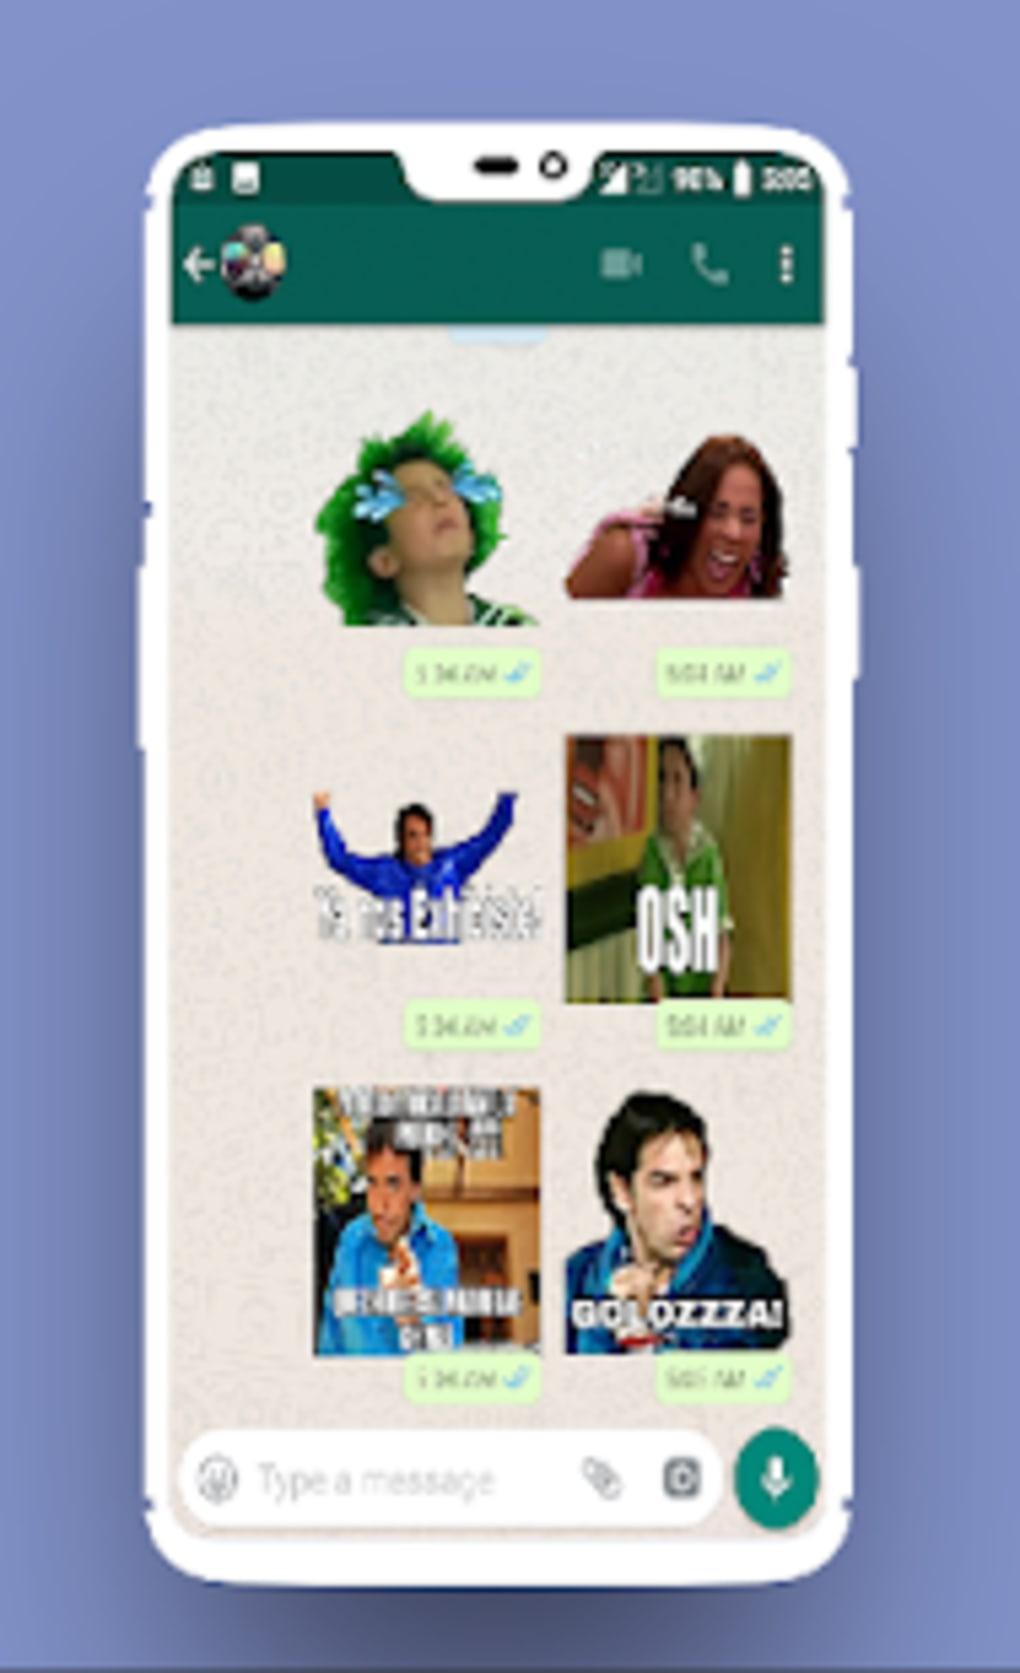 Stickers De La Familia Peluche Para Whatsapp Apk Para Android Descargar Vk tutoriales y más hola, guapos y guapas, bienvenidos. stickers de la familia peluche para